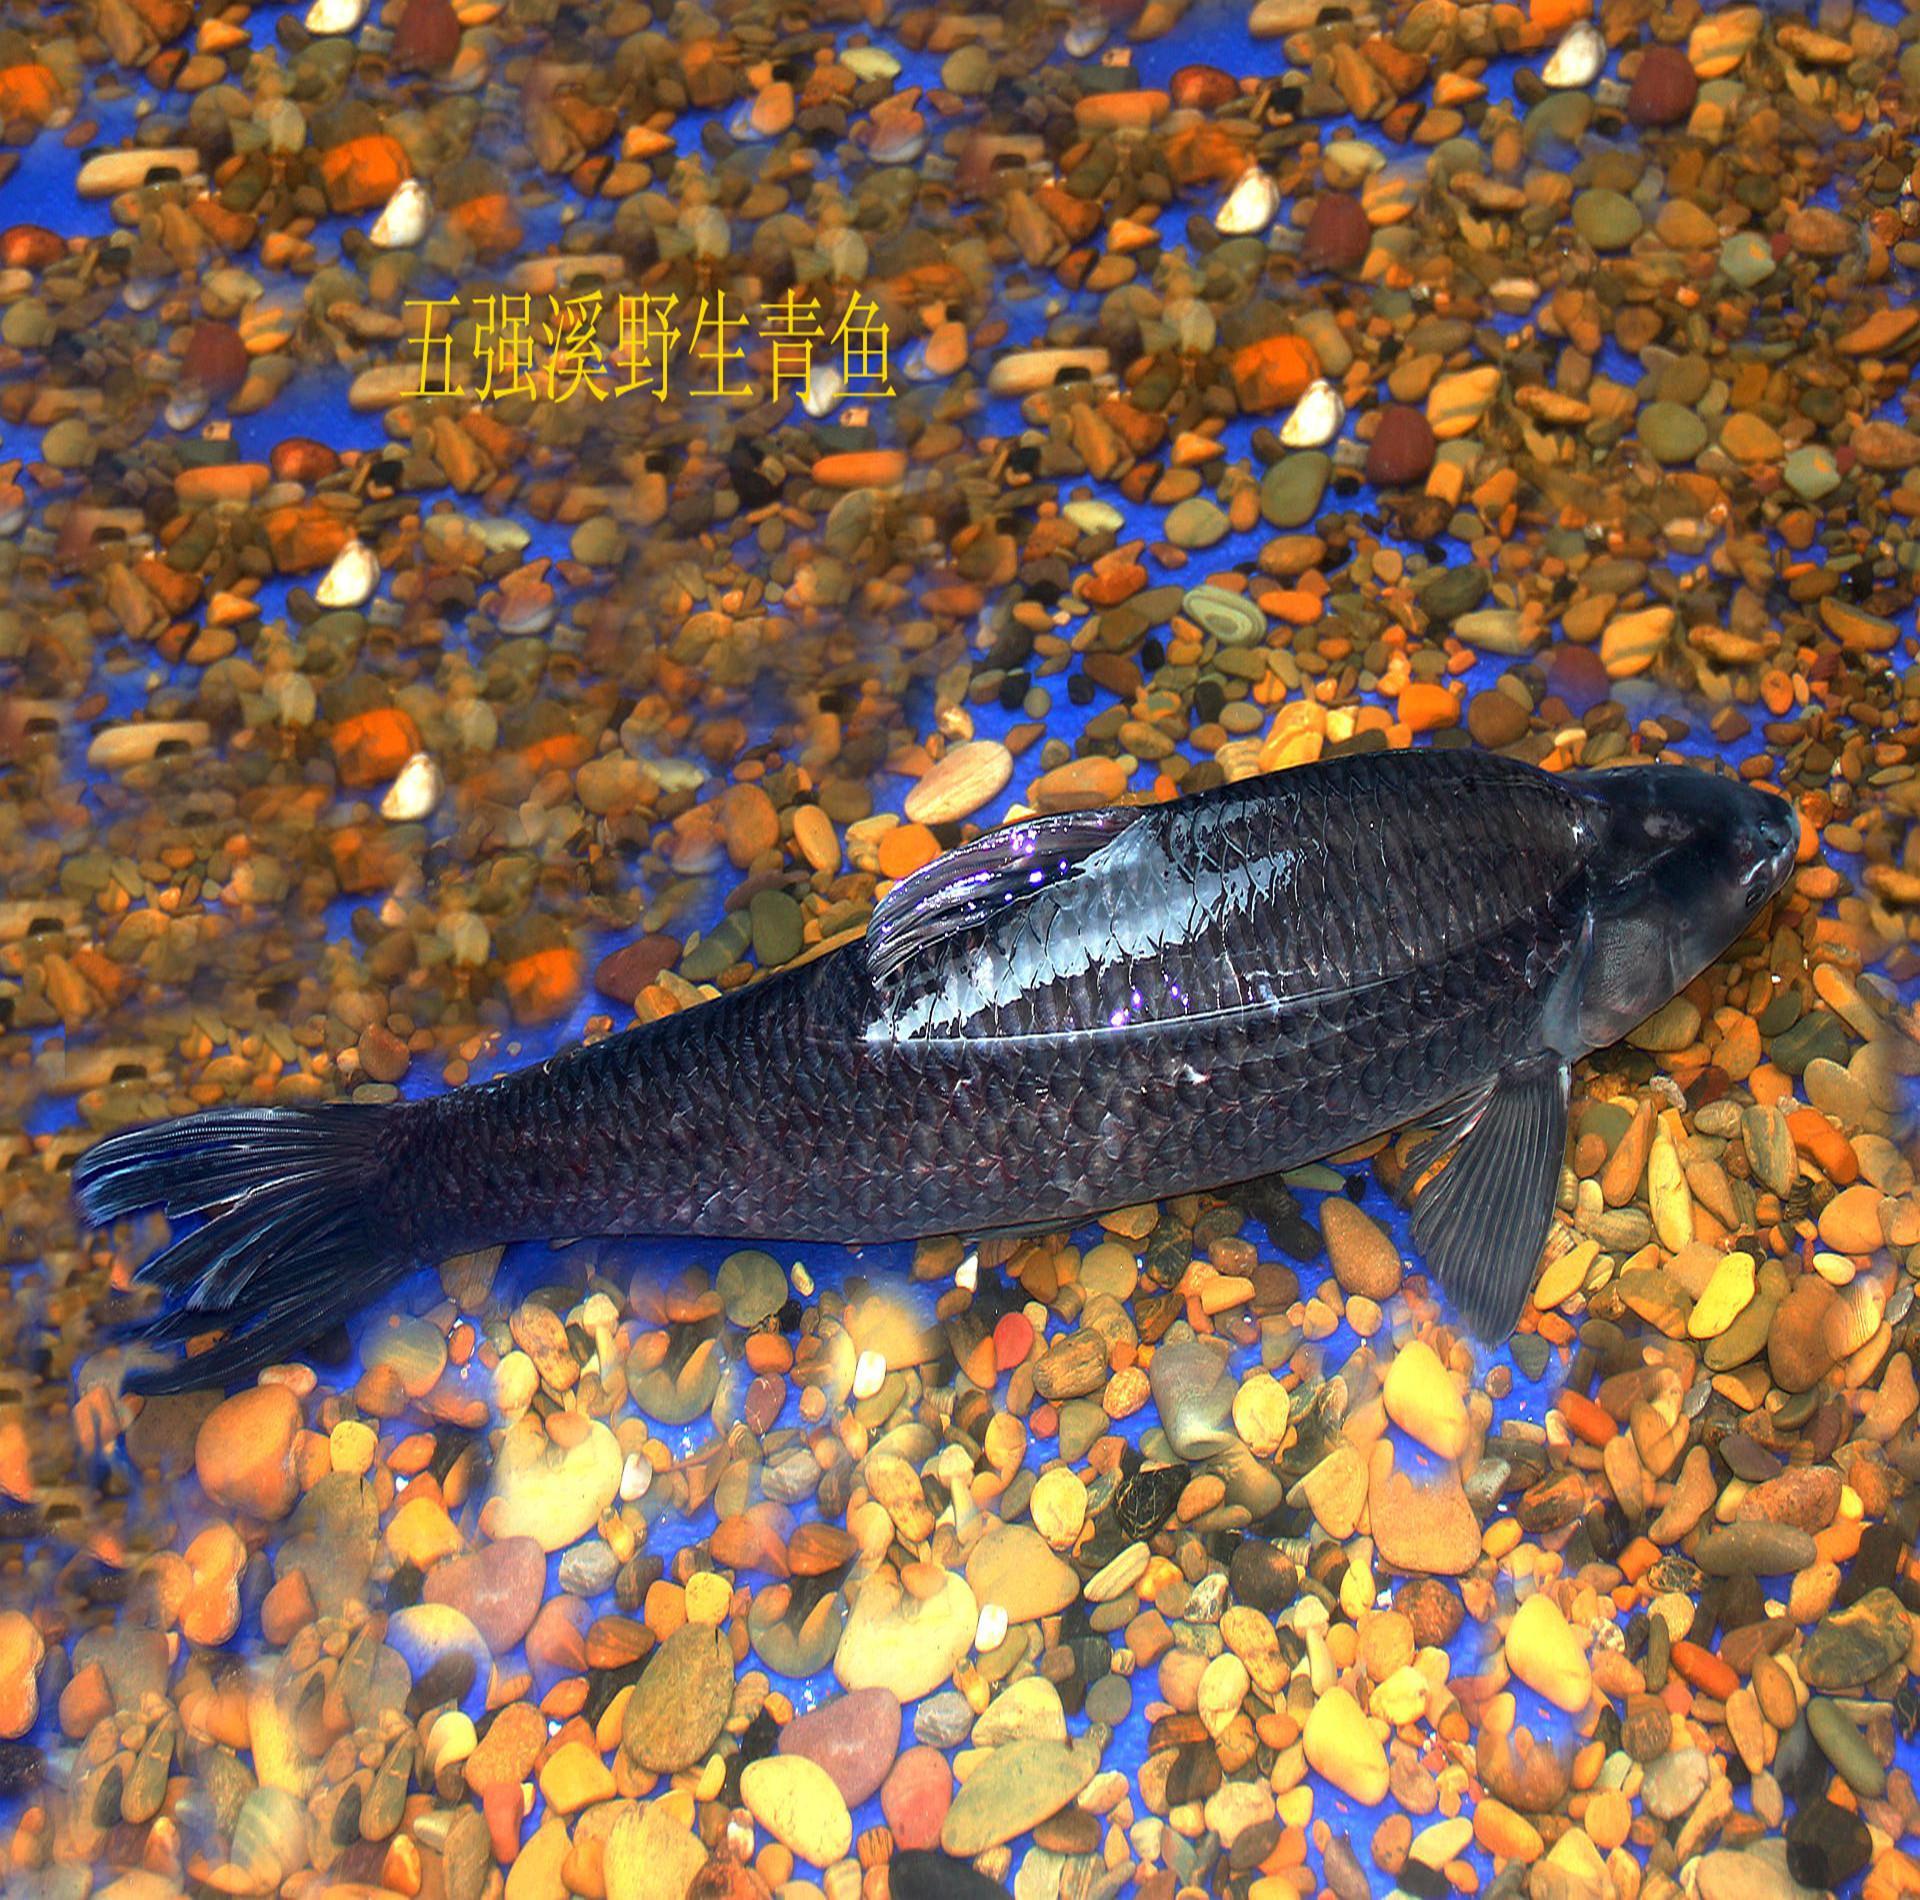 全部版本 最新版本  五强溪鱼因其生长的风景秀丽,环境优美的五强溪库